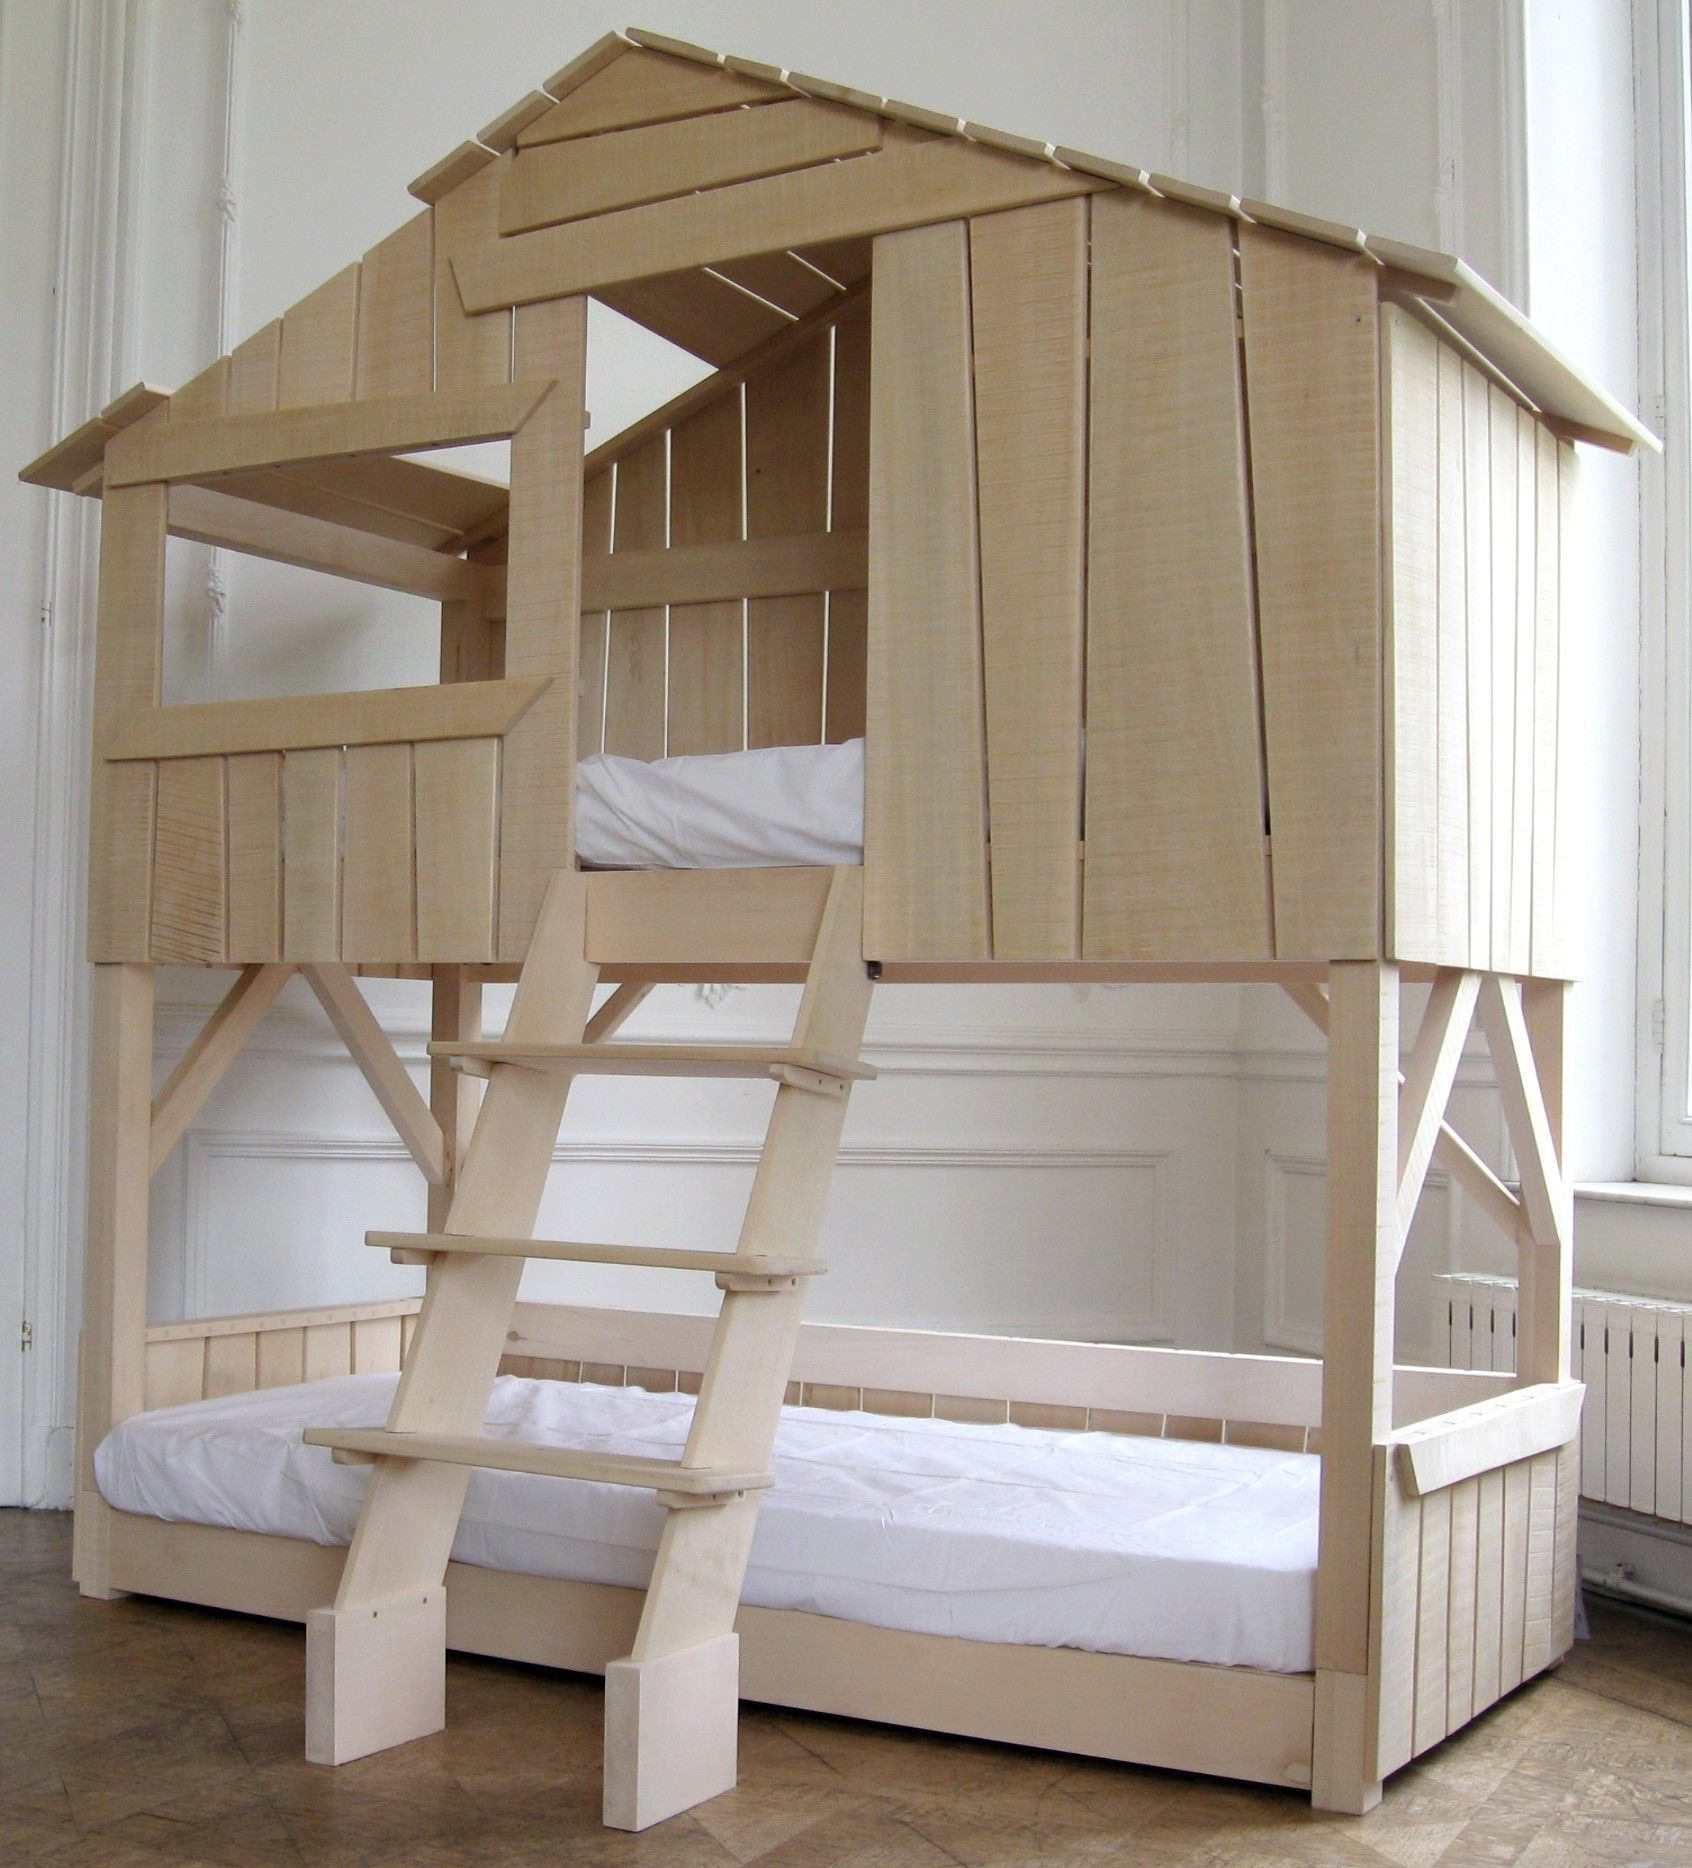 lit double superposé en bois massif demi brut vernis | kids rooms